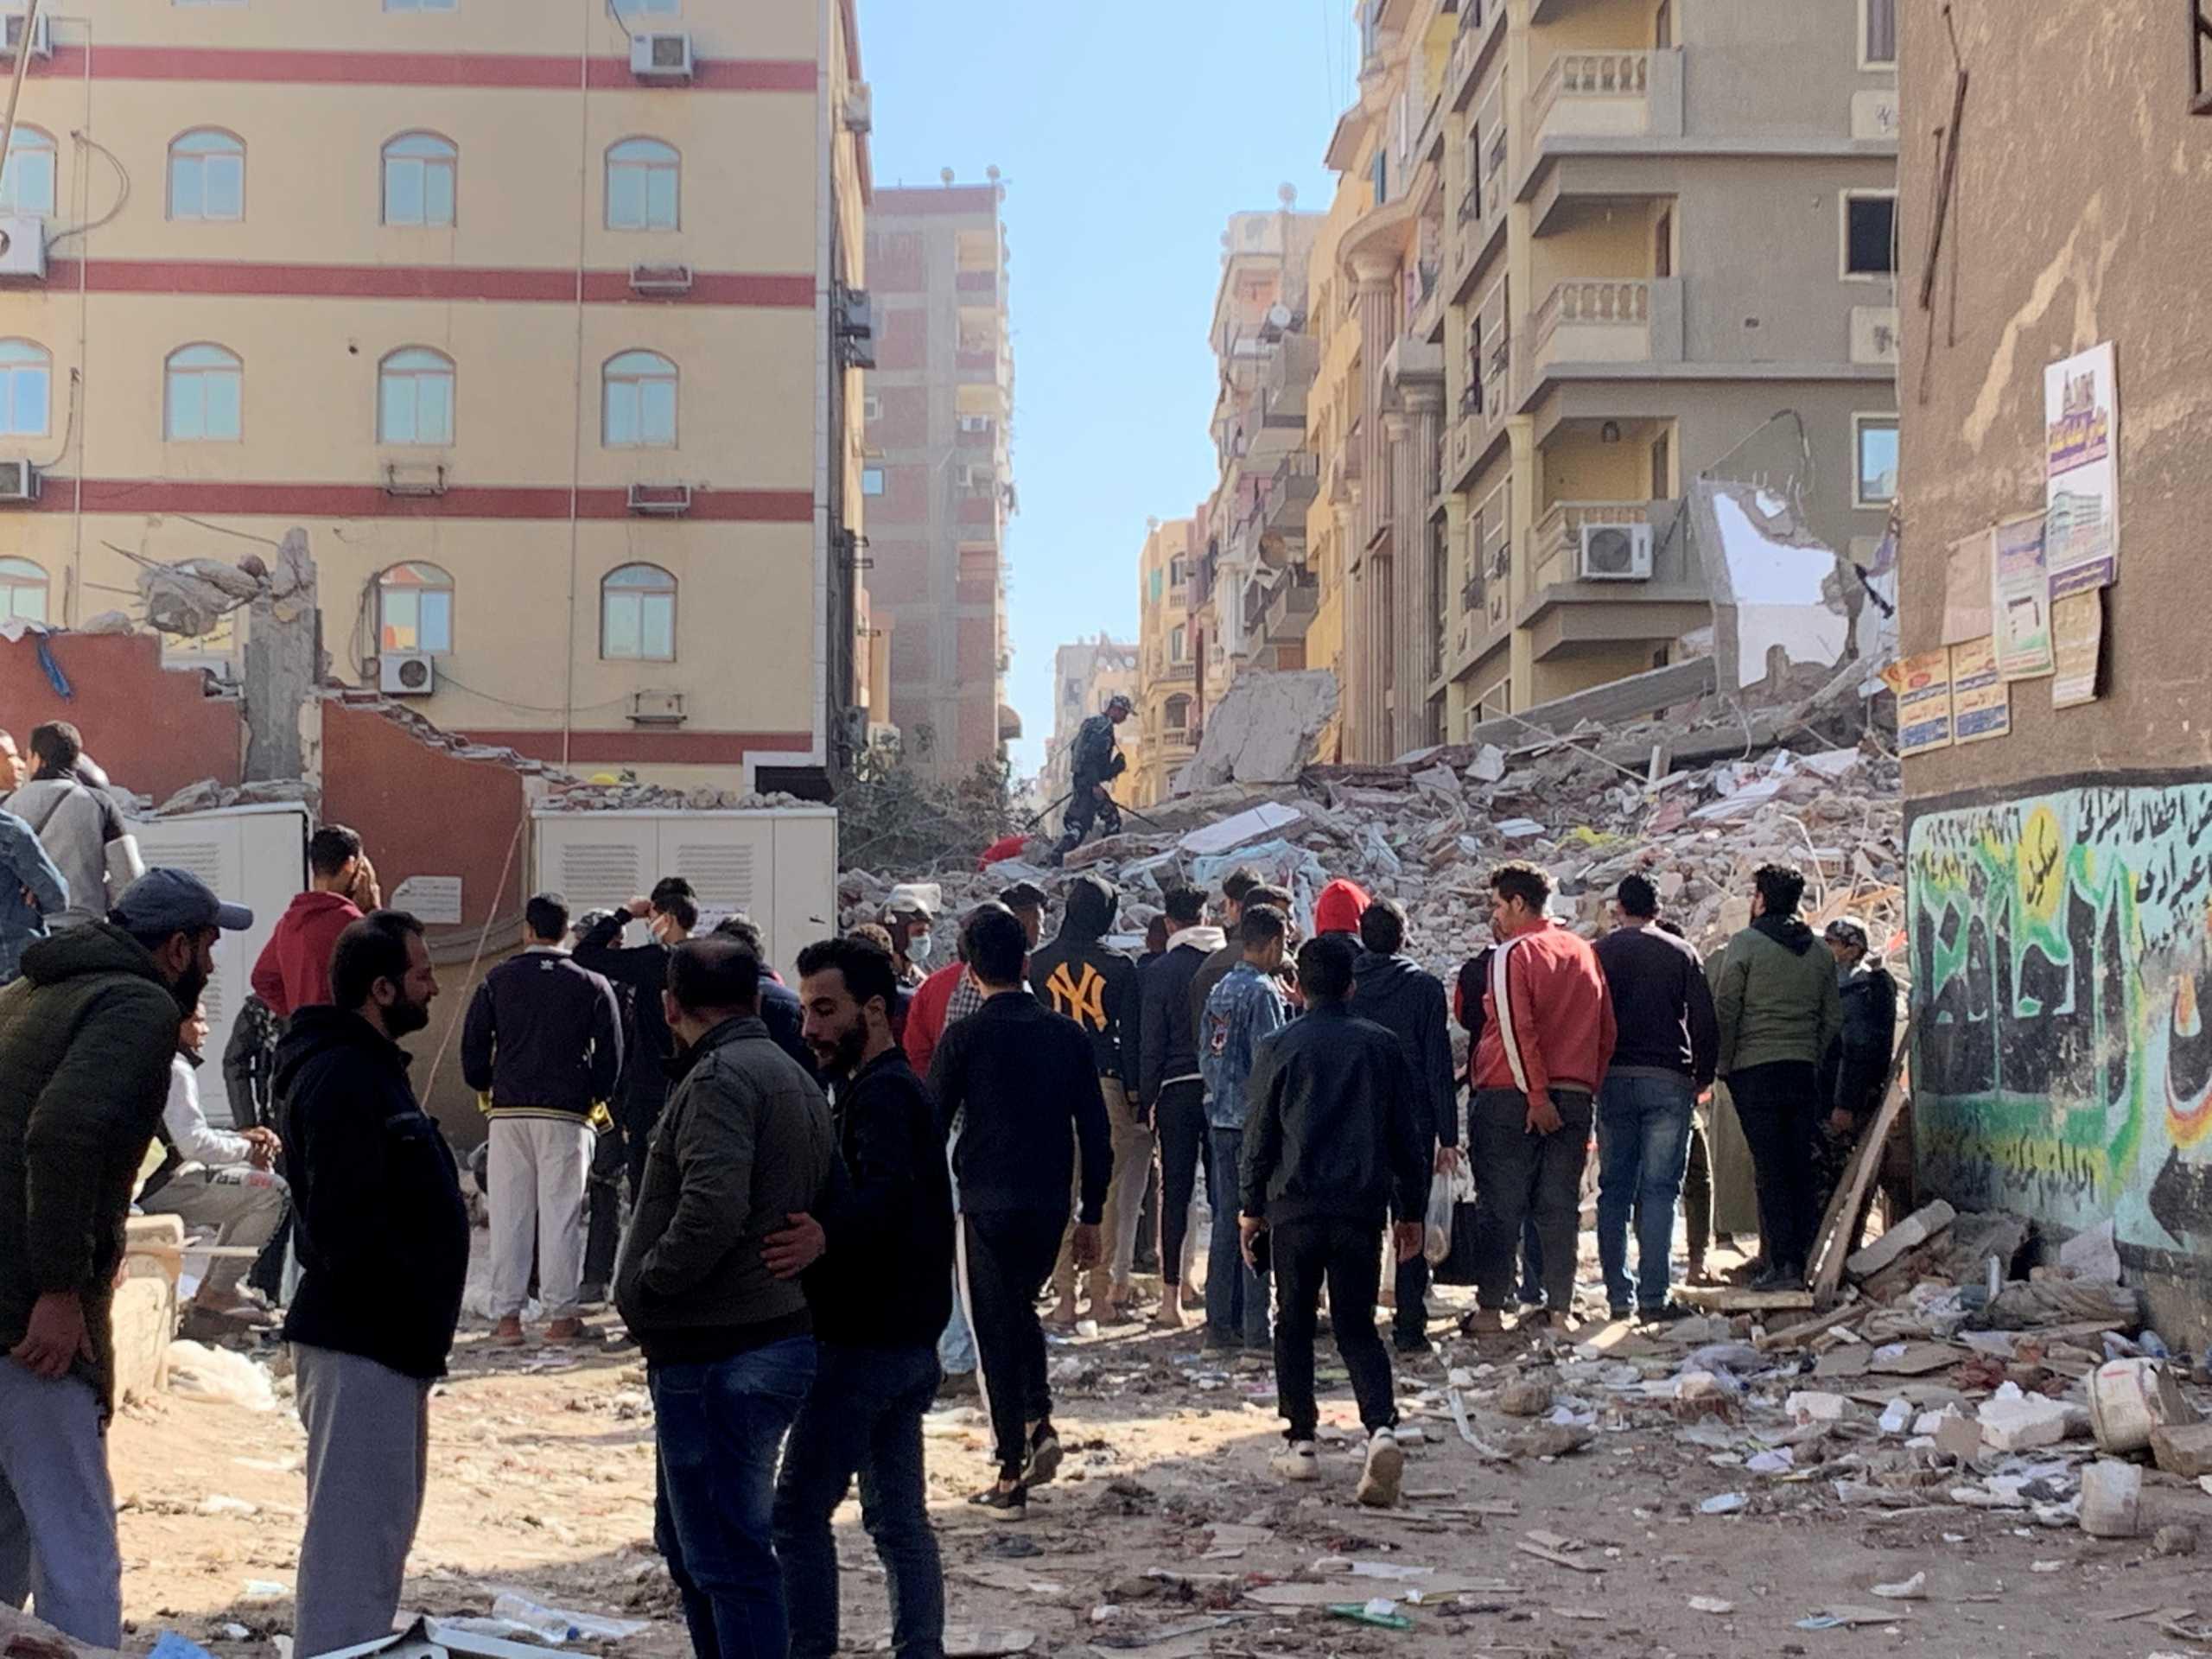 Τραγωδία στο Κάιρο: Κατέρρευσε 9οροφο κτίριο – 5 νεκροί και 24 τραυματίες (pics)